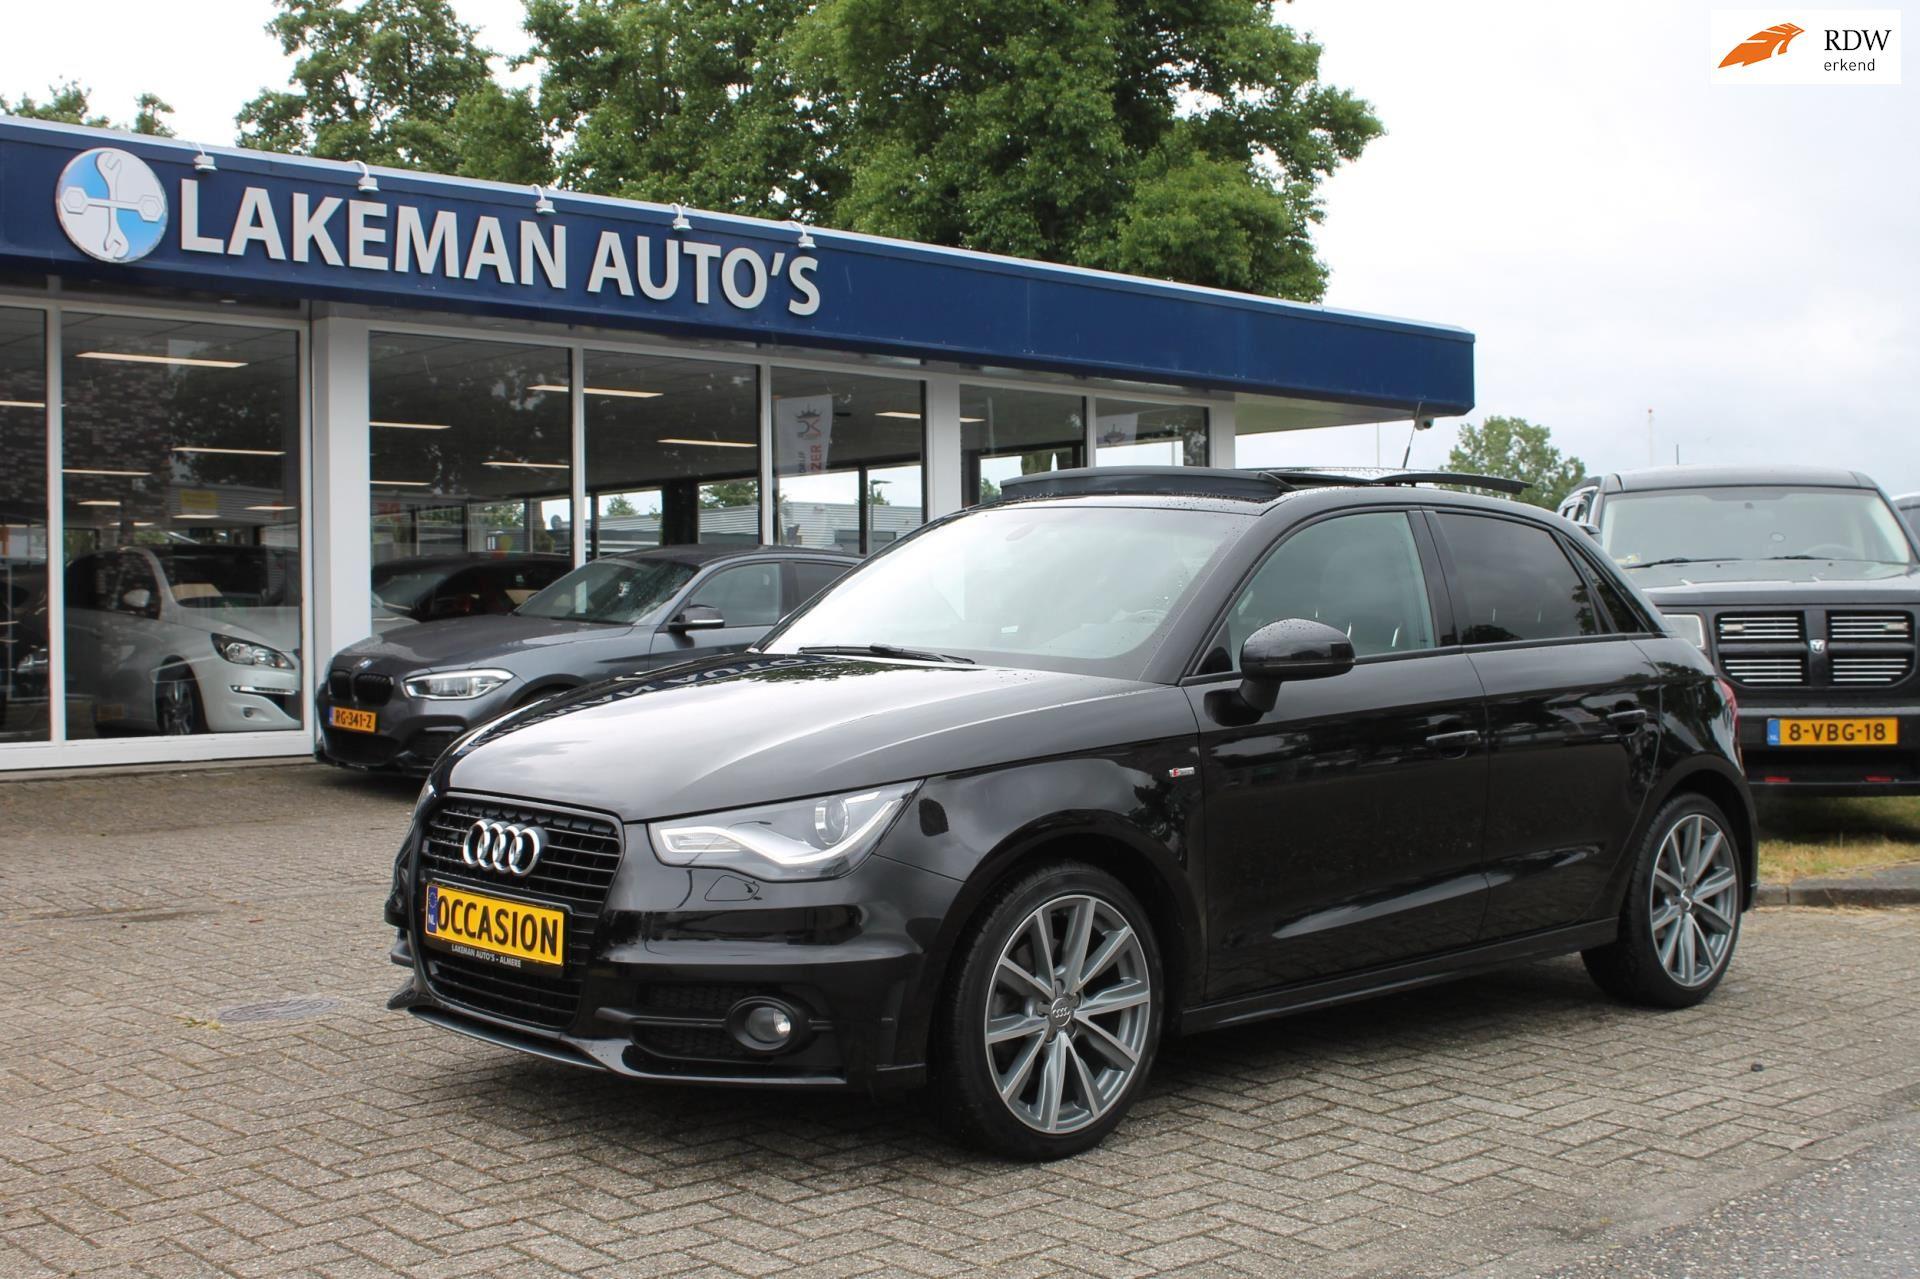 Audi A1 Sportback occasion - Lakeman auto's Almere B.V.